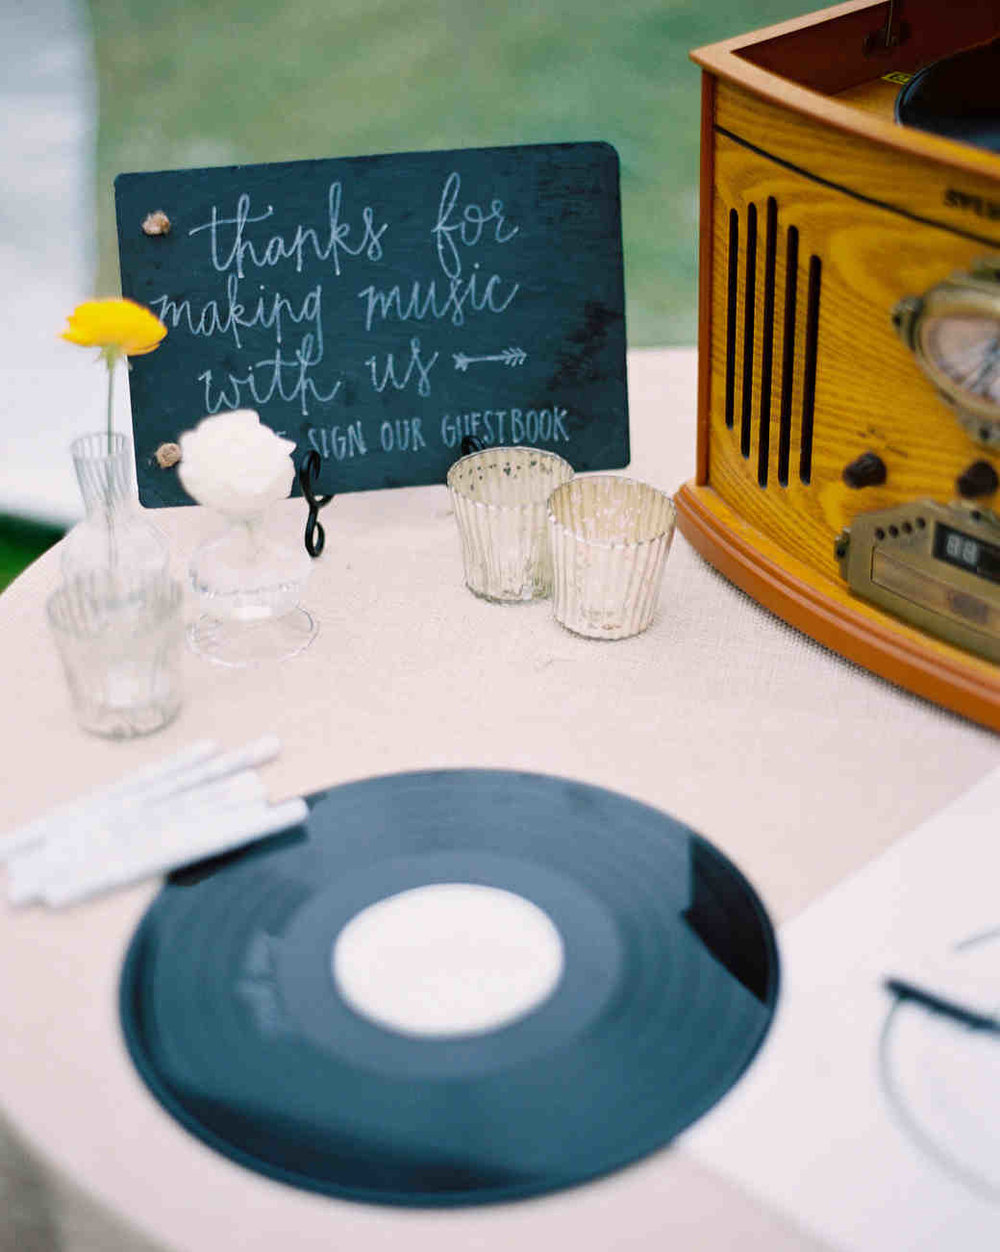 susan-cartter-wedding-guestbook-008446016-s111503-0914_vert.jpg